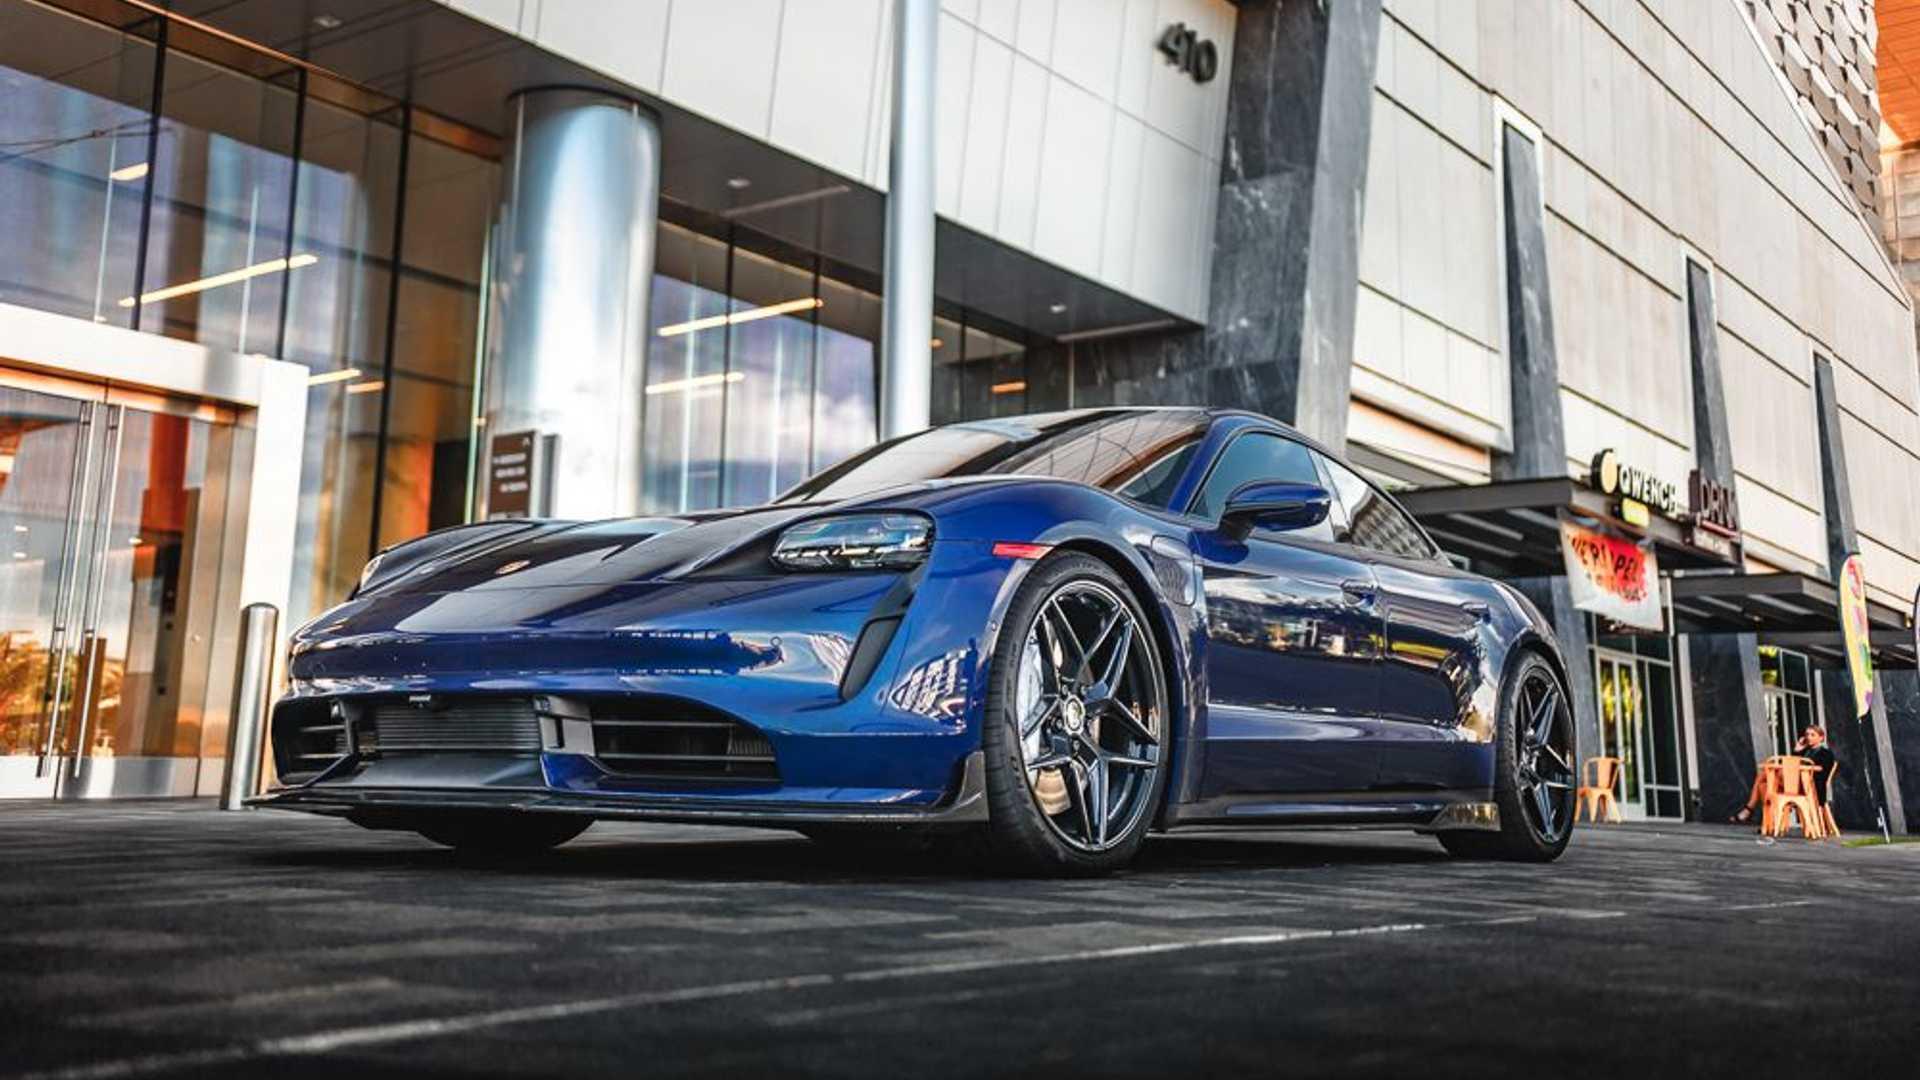 Porsche-Taycan-by-Vivid-Racing-19